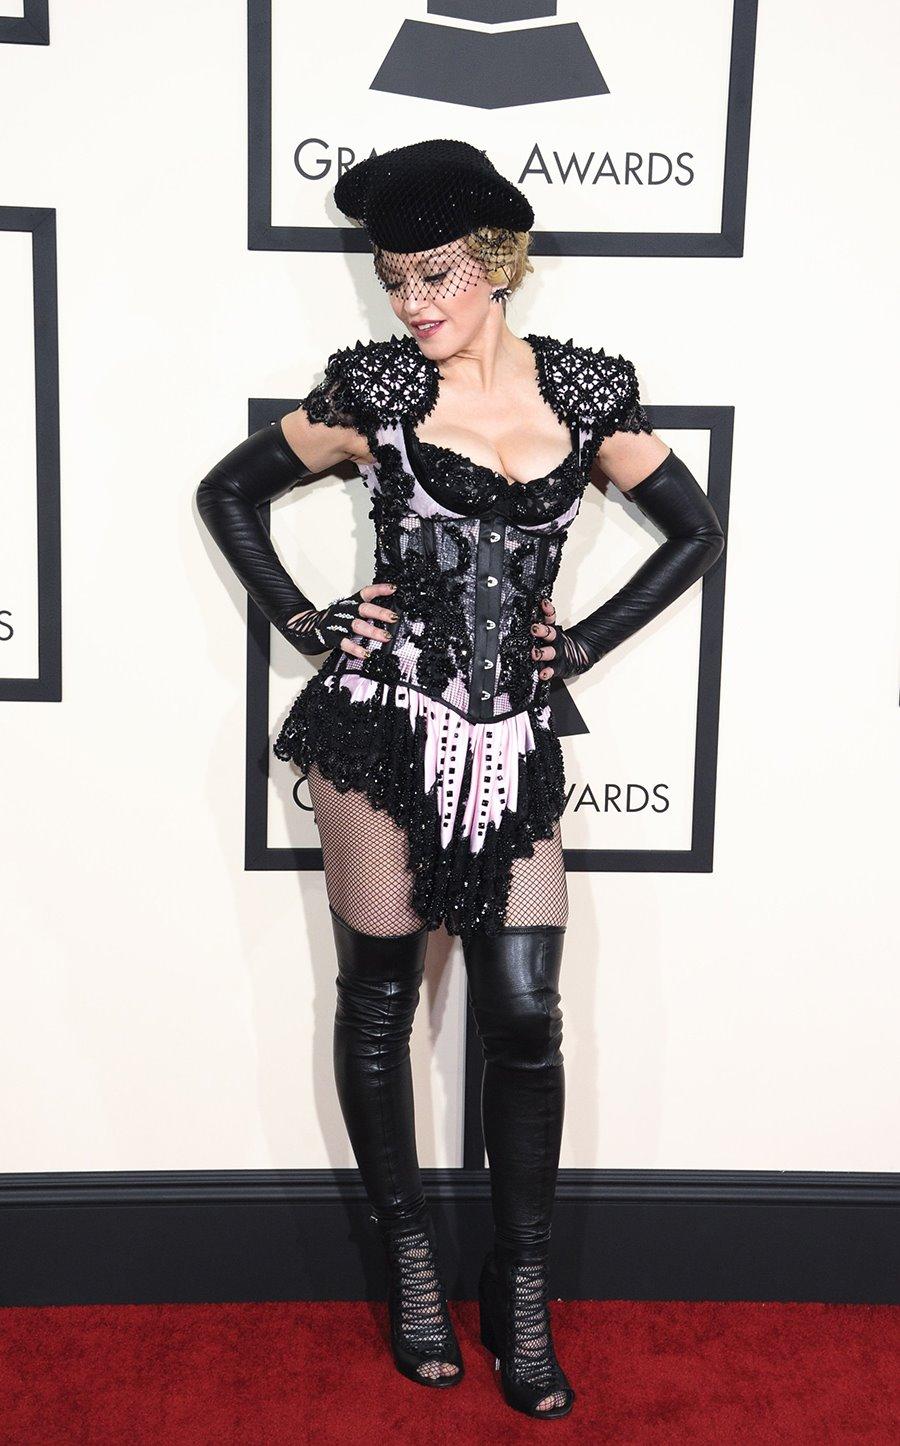 b27c7371f3 Si algo tiene Madonna, además de cantar como los ángeles, es que ha sido y  será uno de los iconos de moda y estilo que nunca perecerá.